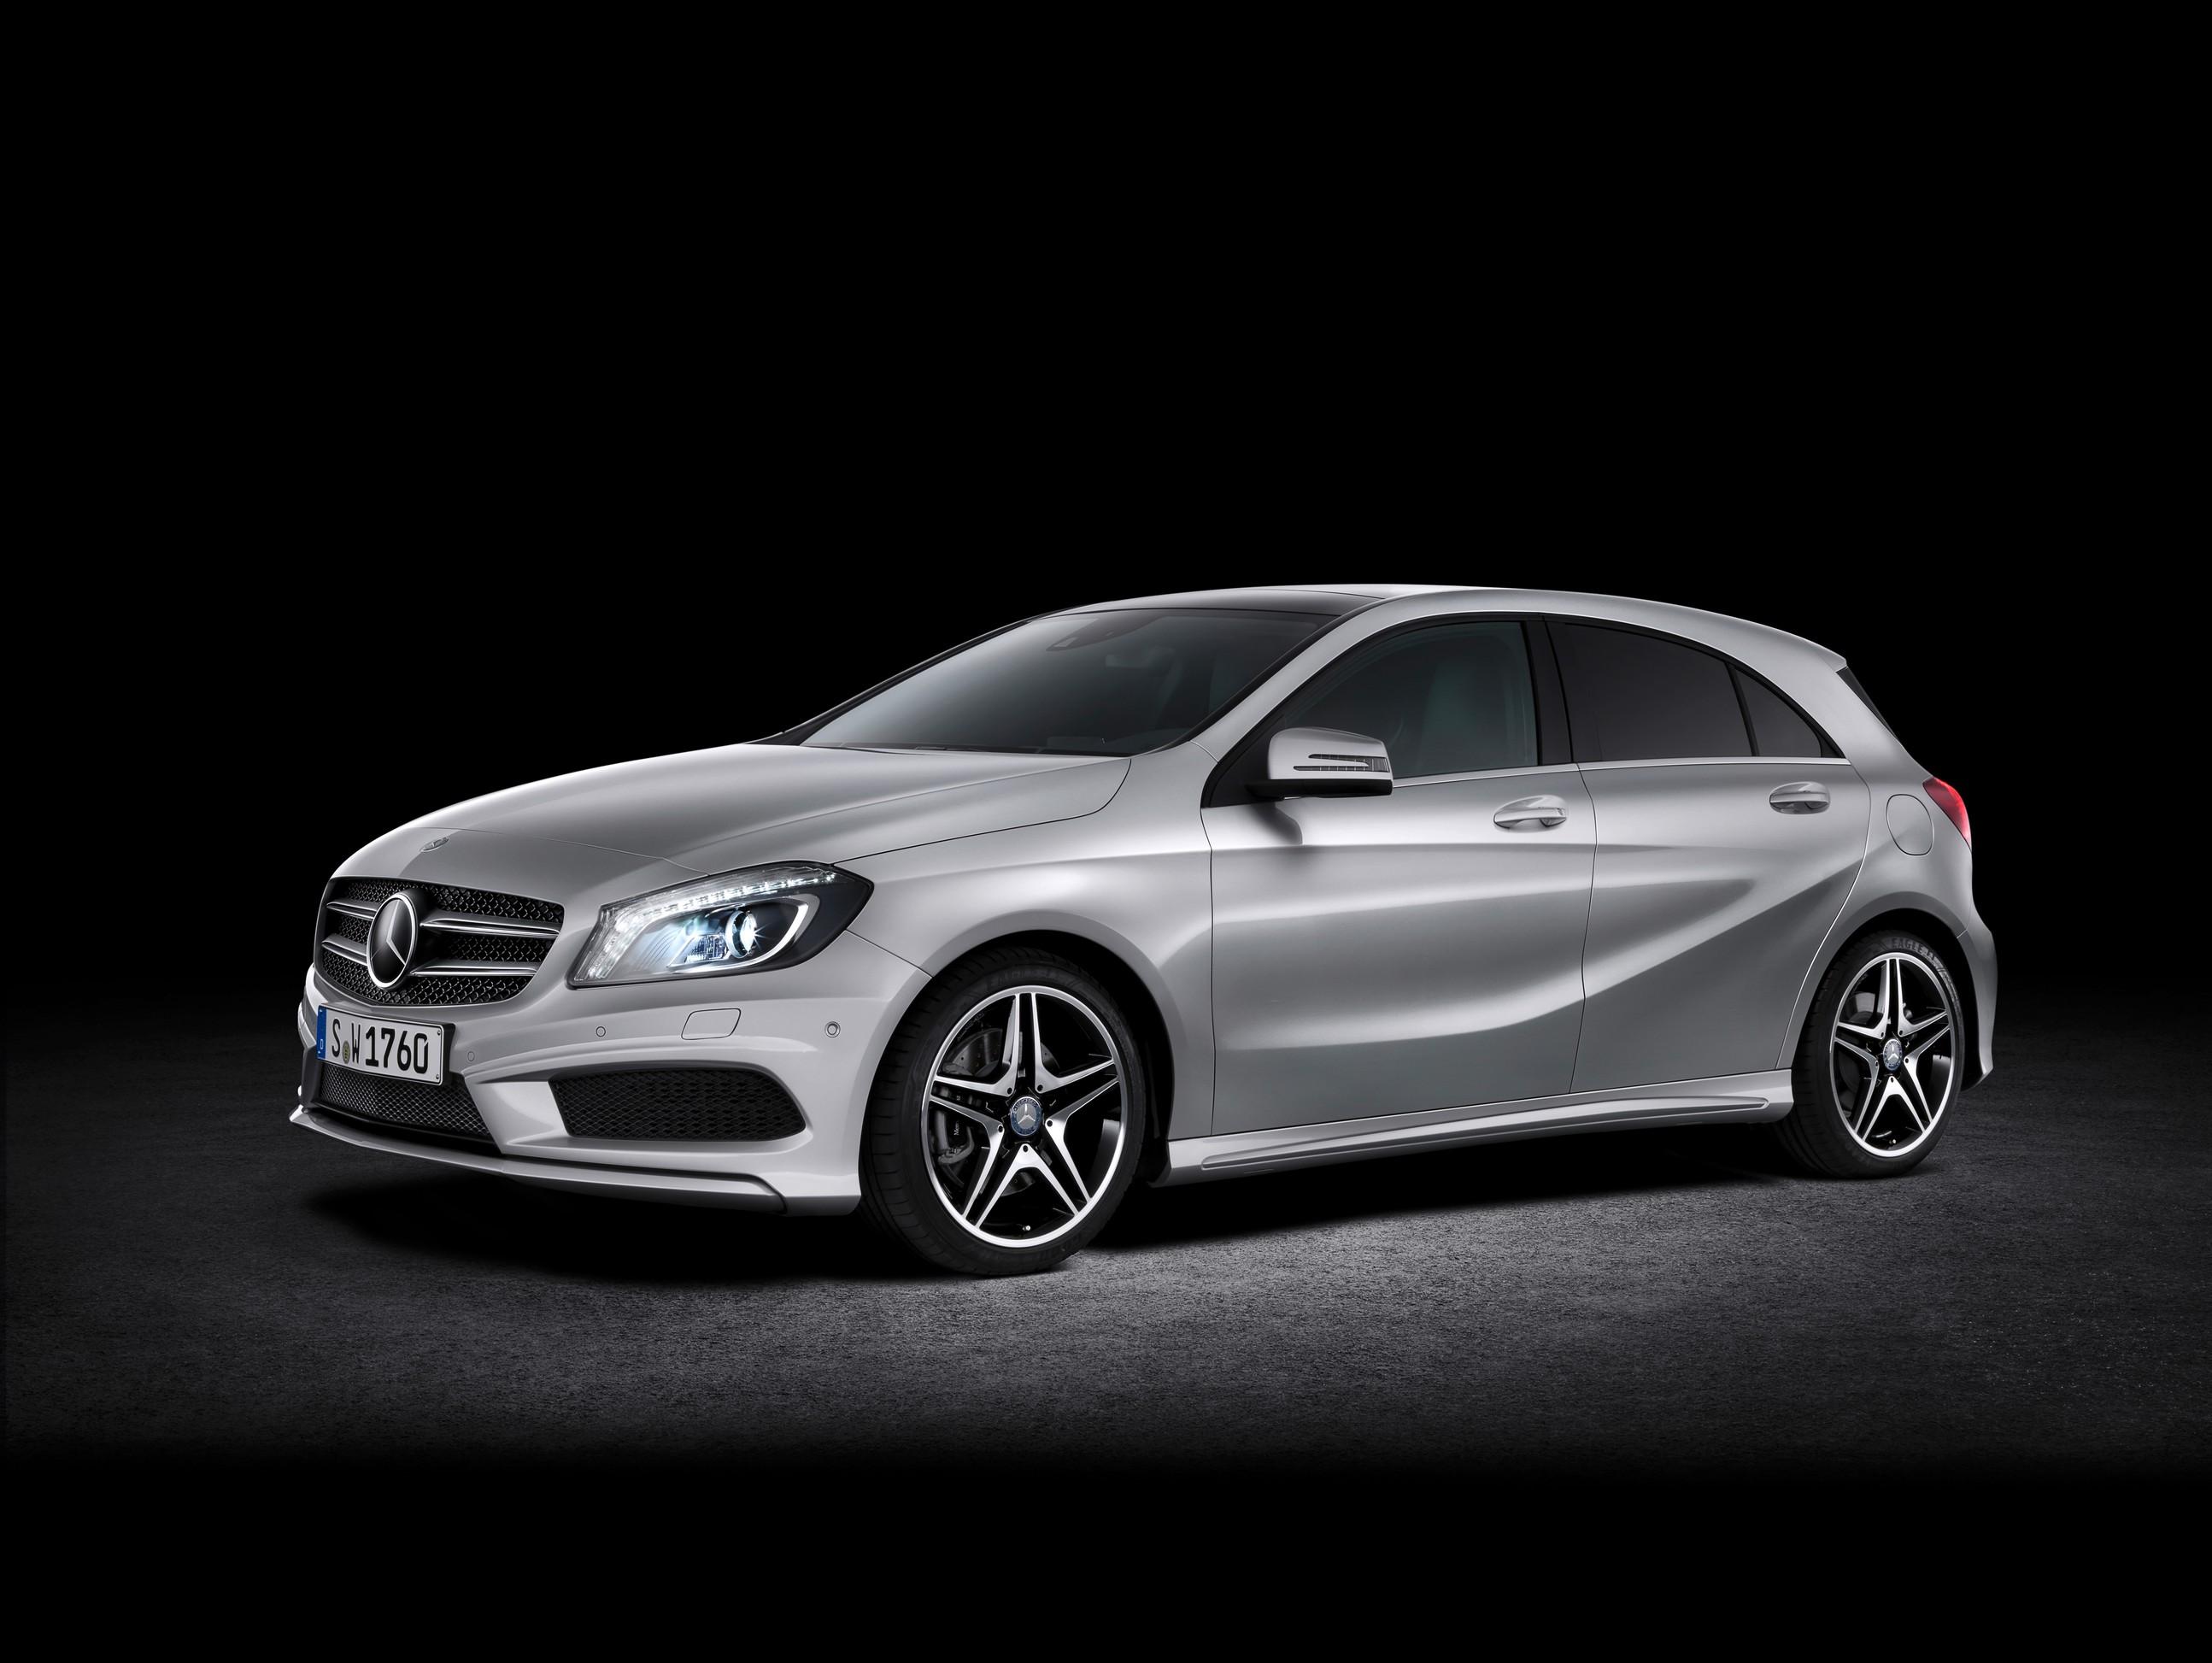 La nouvelle Mercedes Classe A est disponible chez Lerat Location